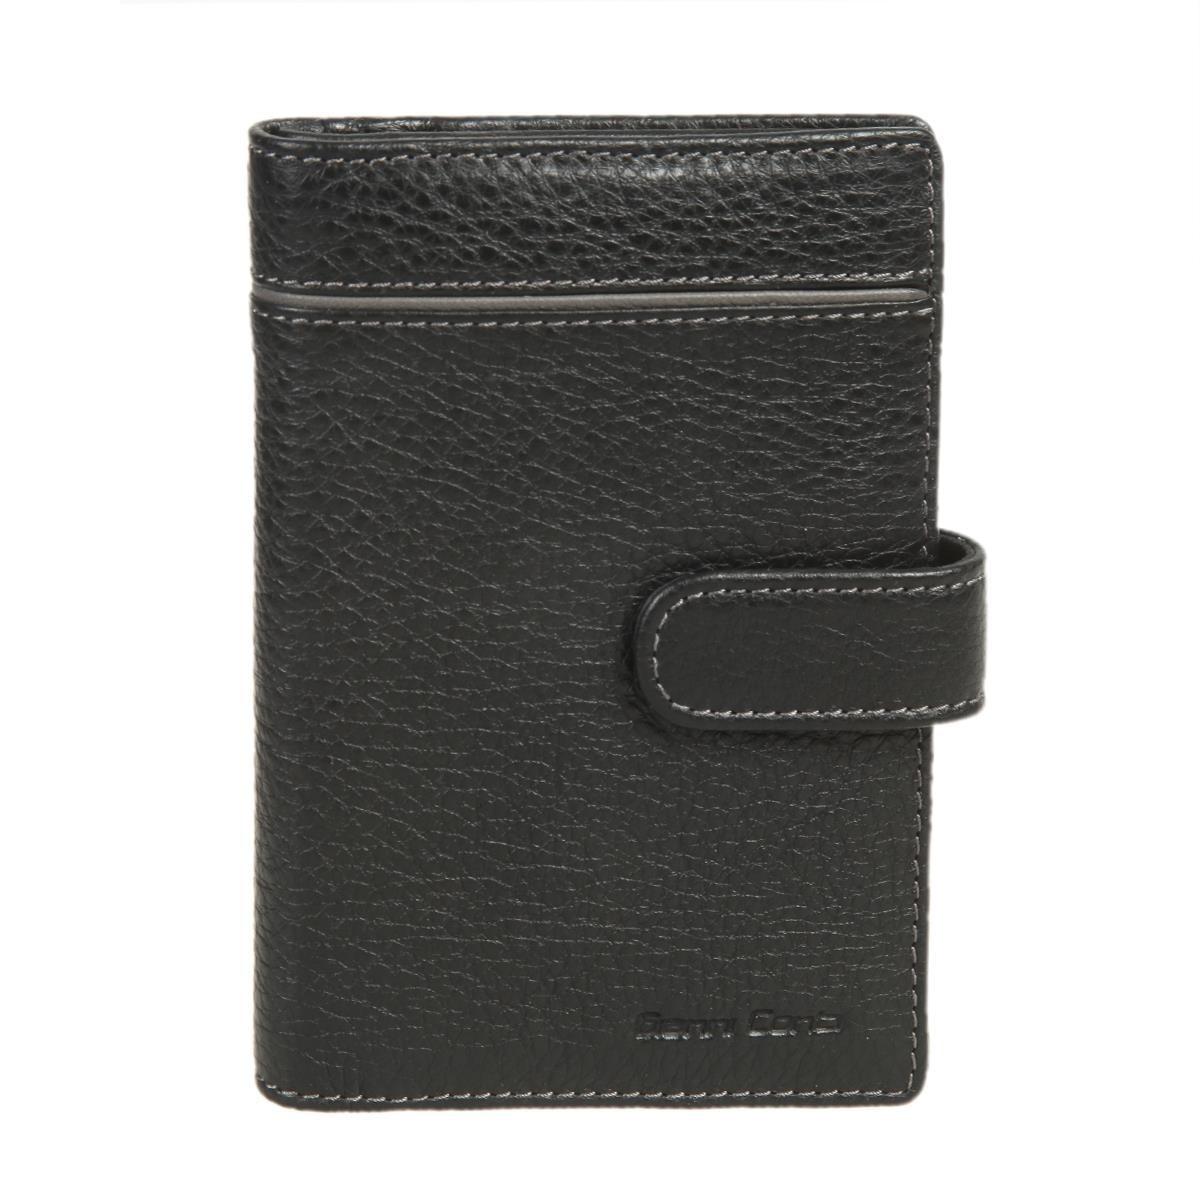 Cover for avtodokumentov and passport Gianni Conti 1818454 black cover for avtodokumentov gianni conti 1227455 black